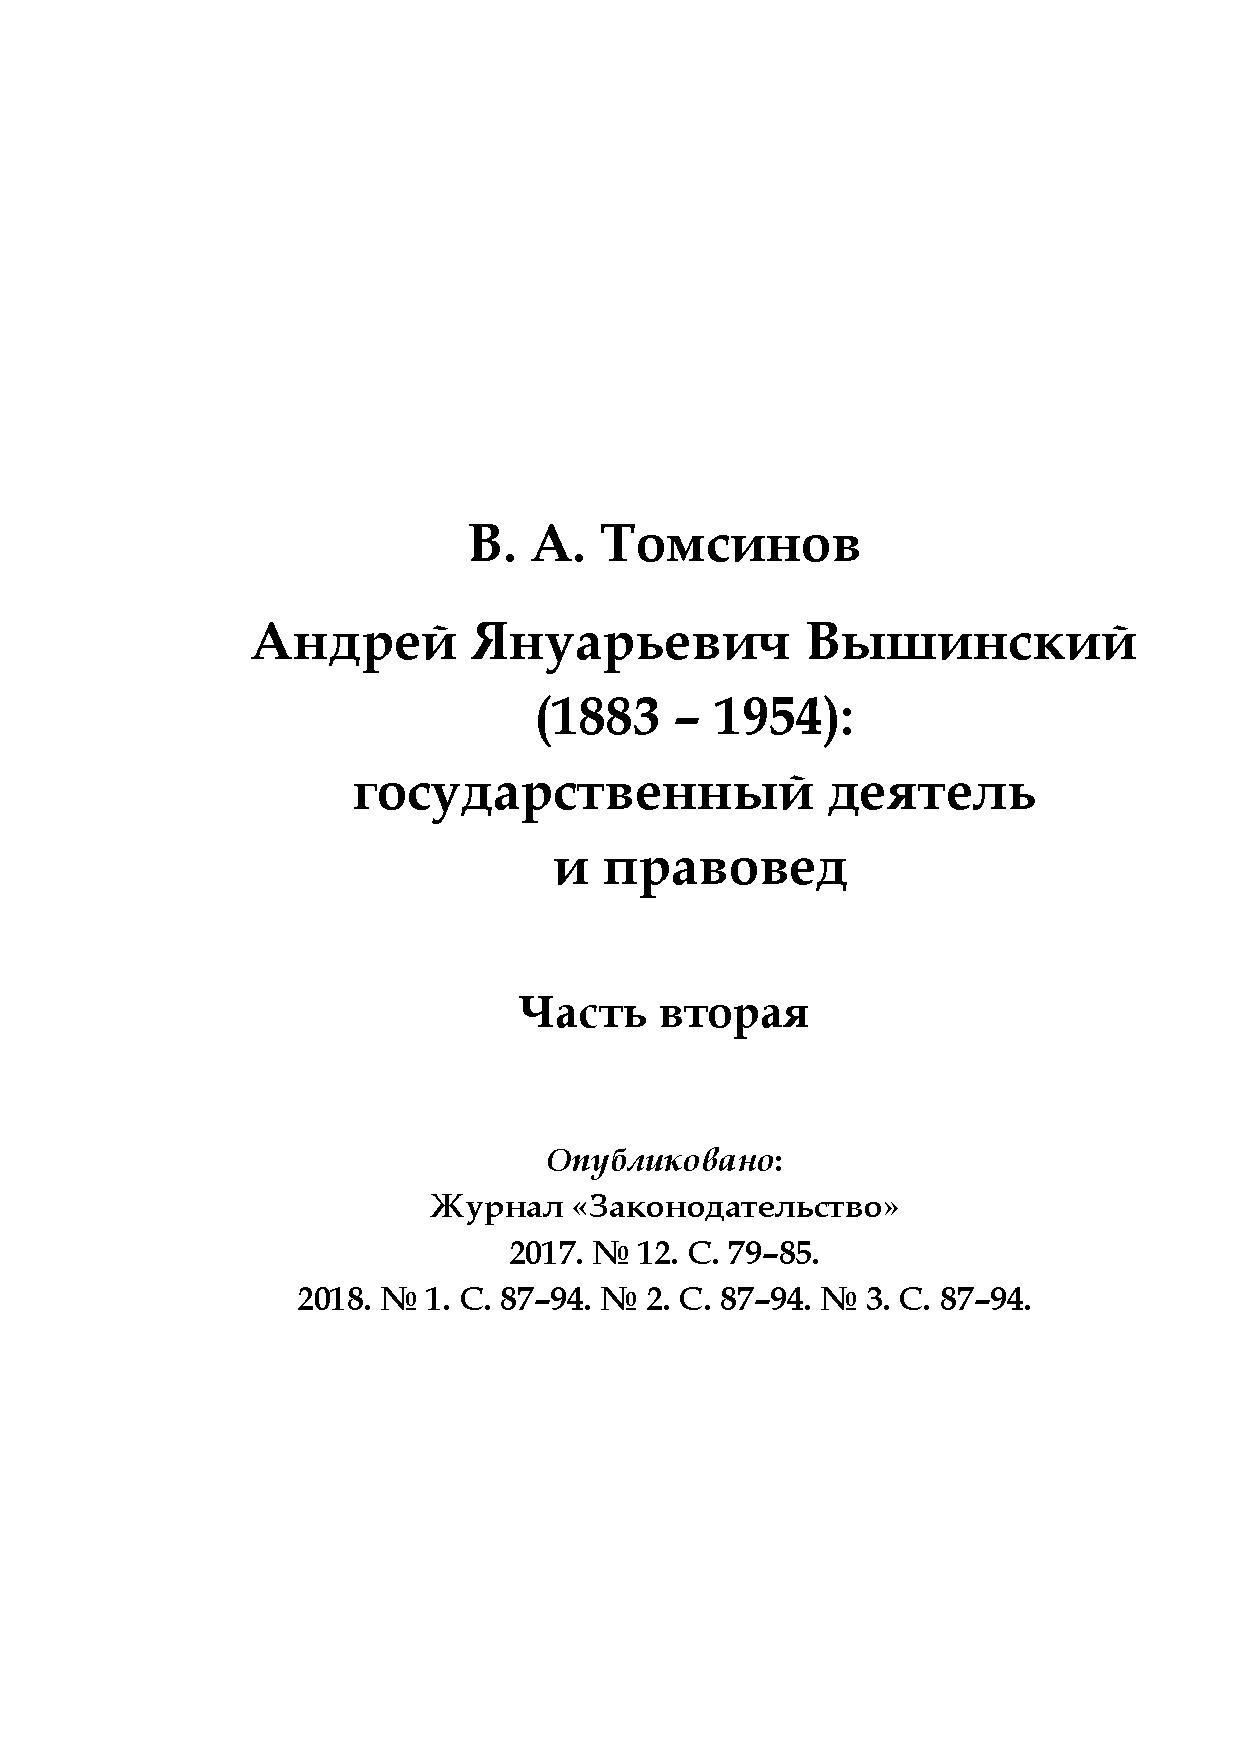 Томсинов В.А. Андрей Януарьевич Вышинский (1883–1954): государственный деятель и правовед